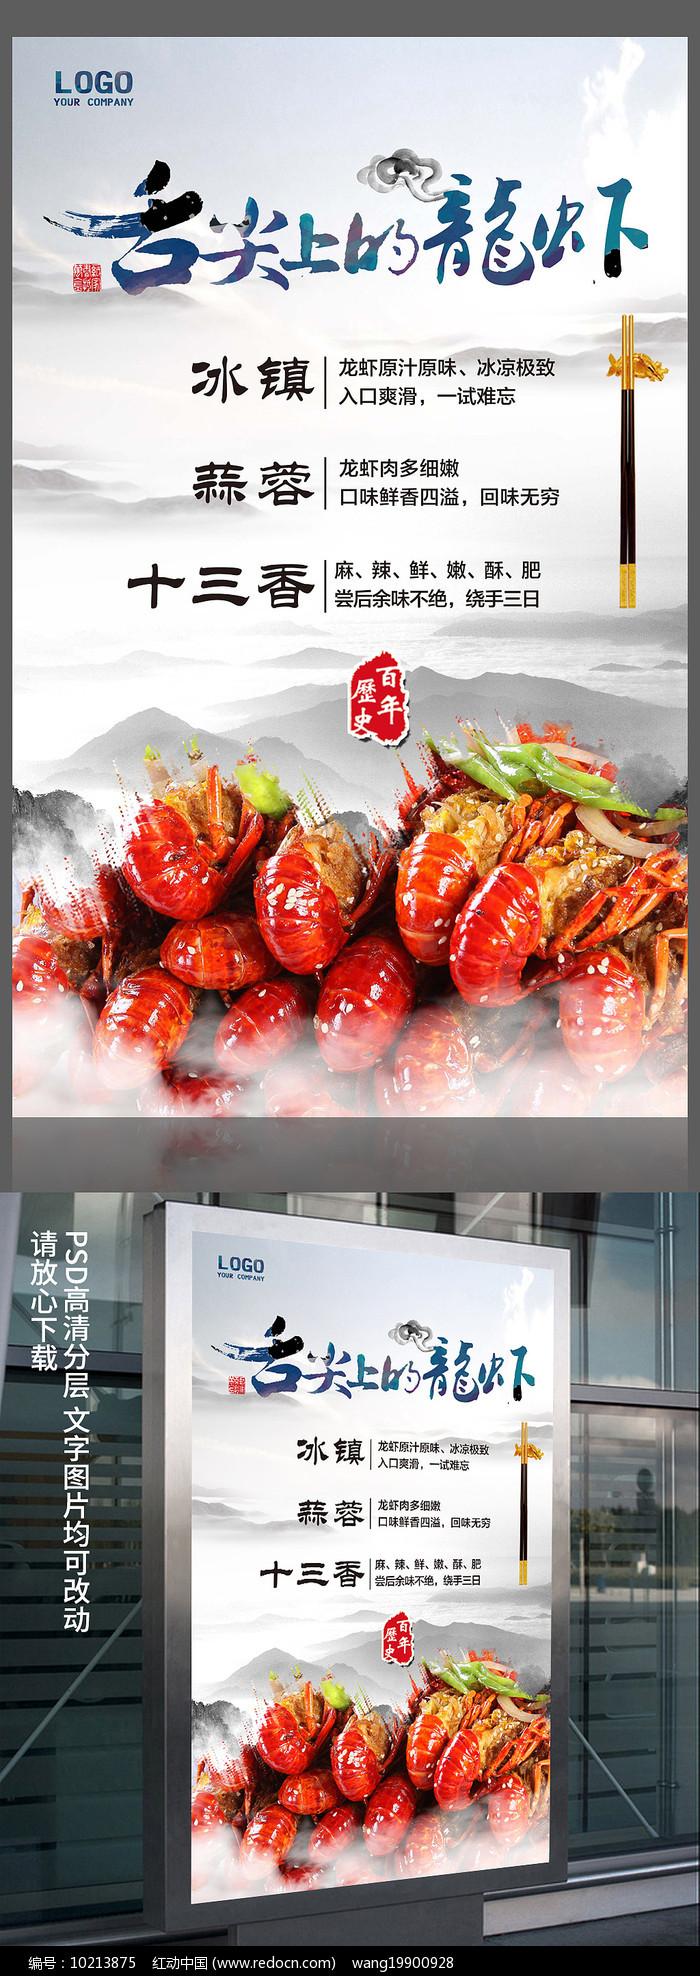 中国风小龙虾海报设计图片